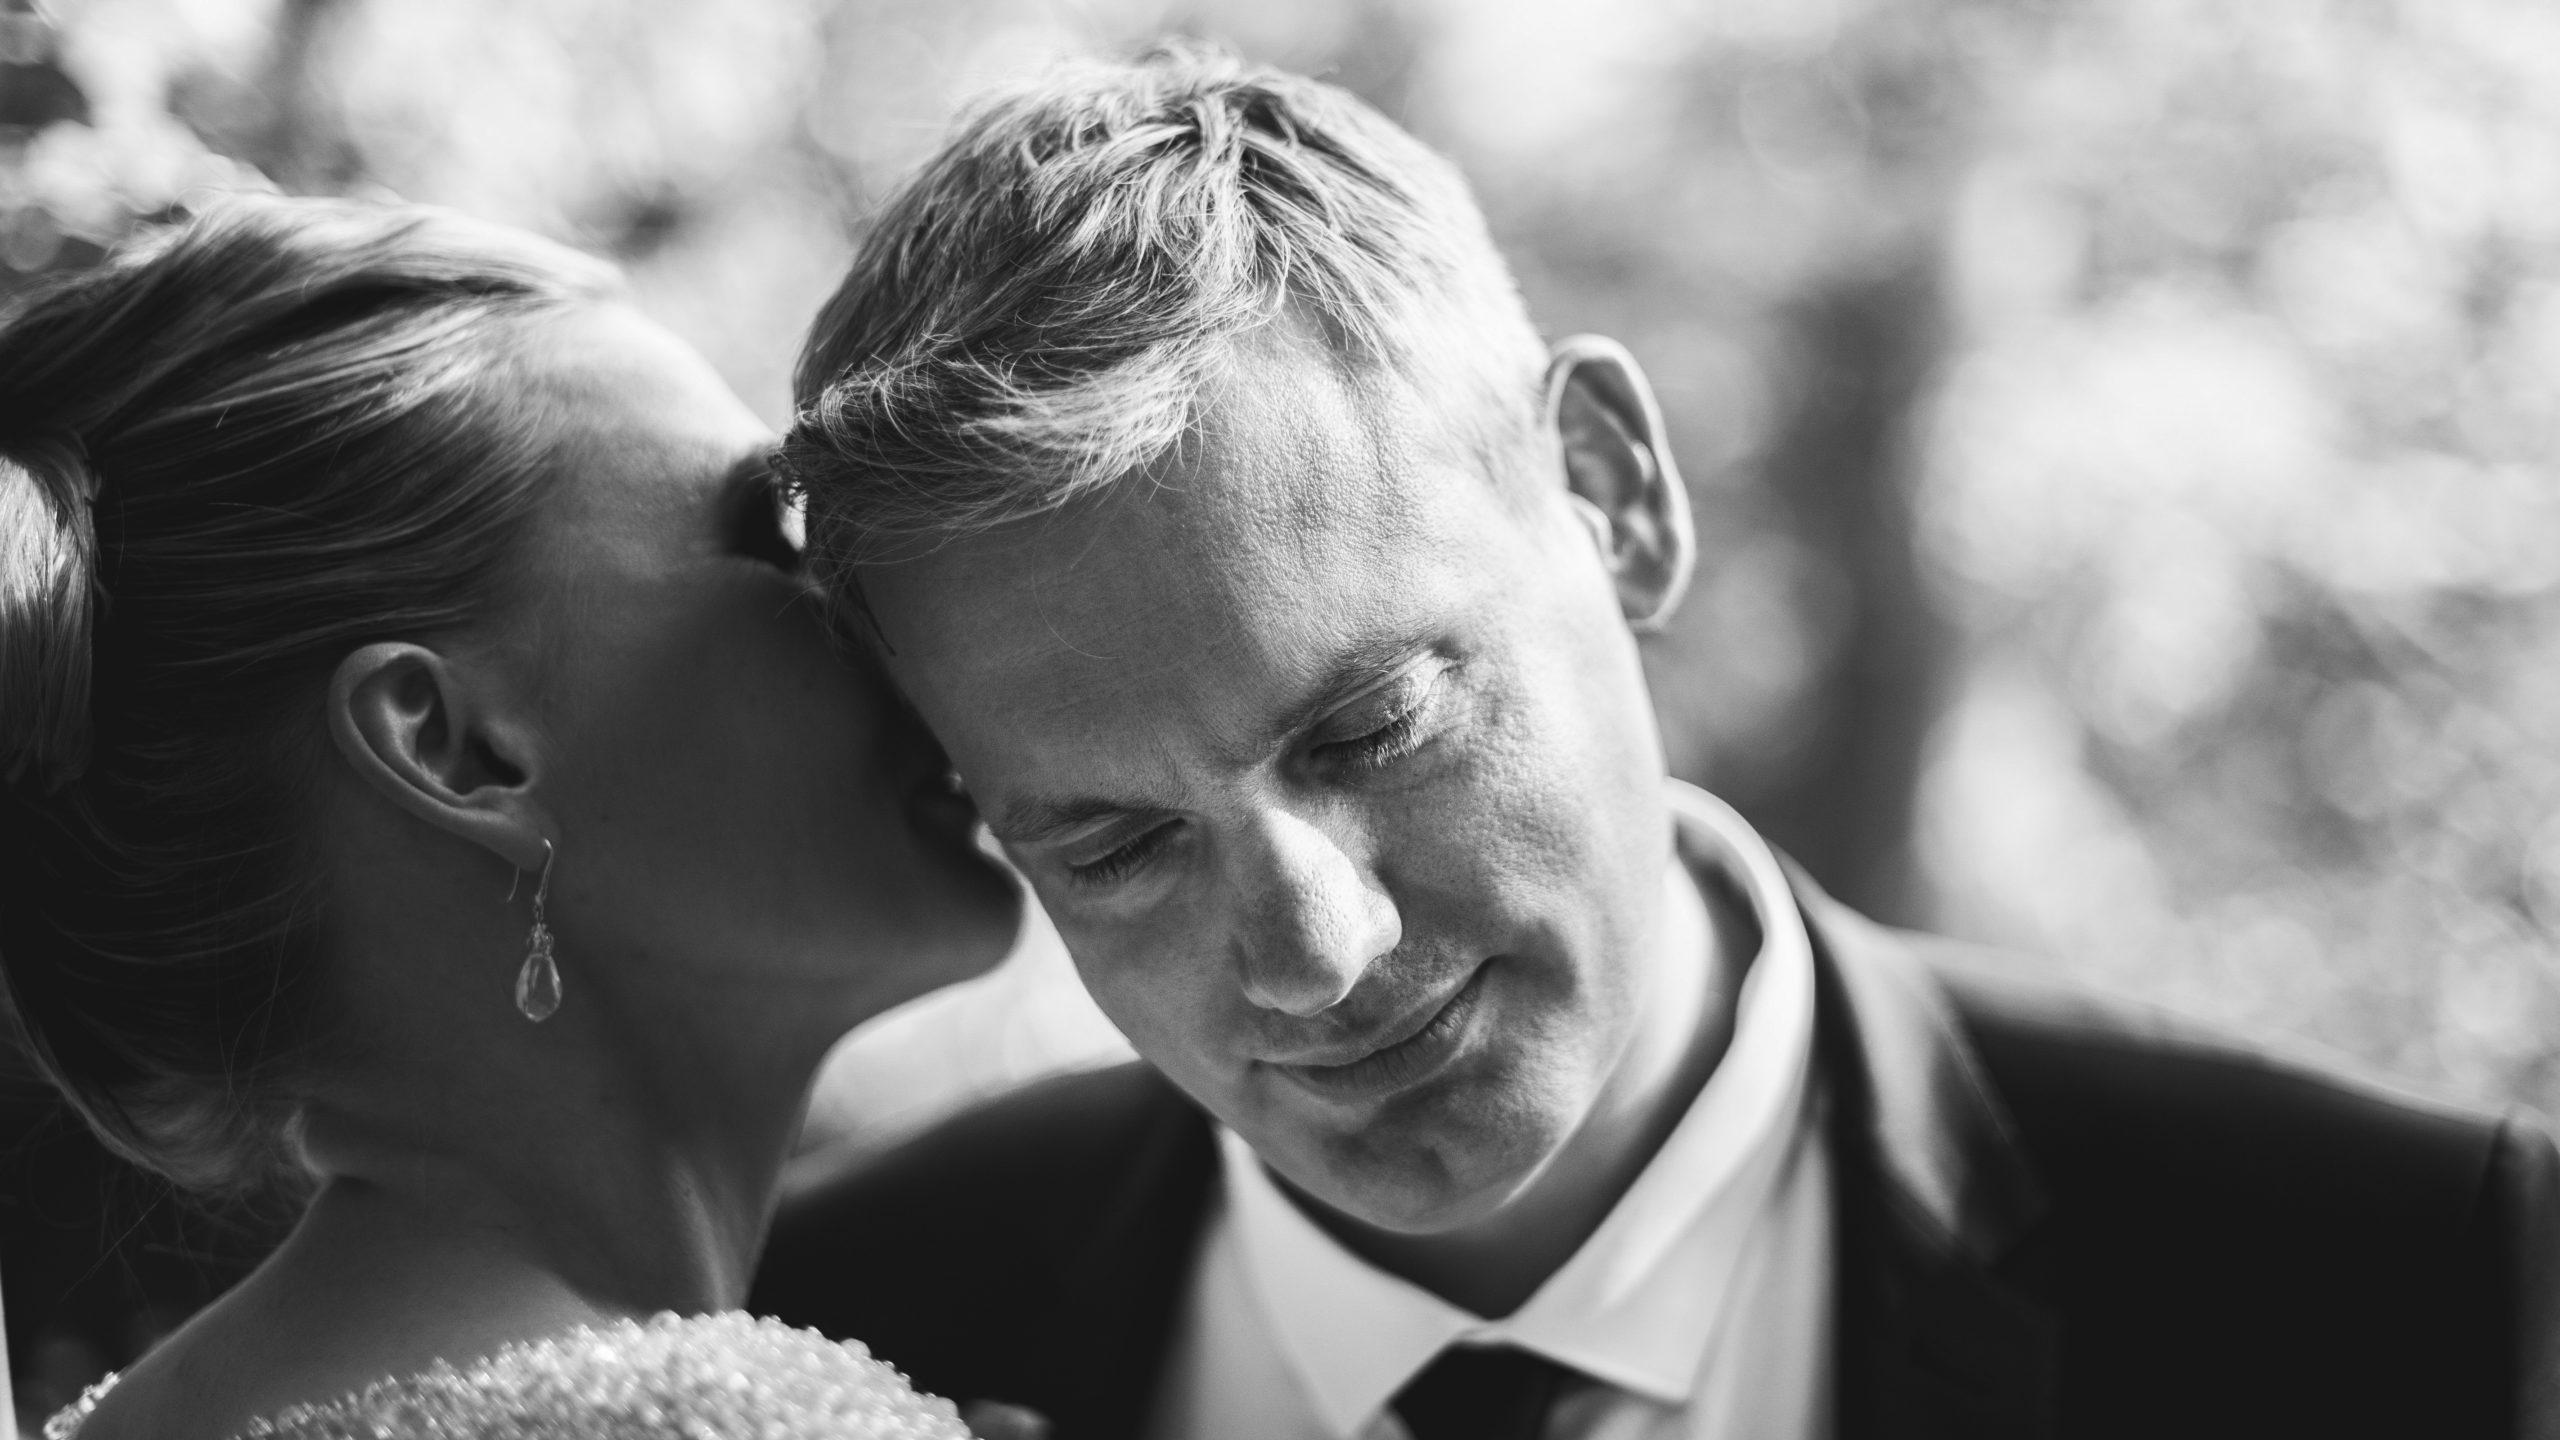 séance couple portrait claire-lise et brice mariage forêt de compiègne oise